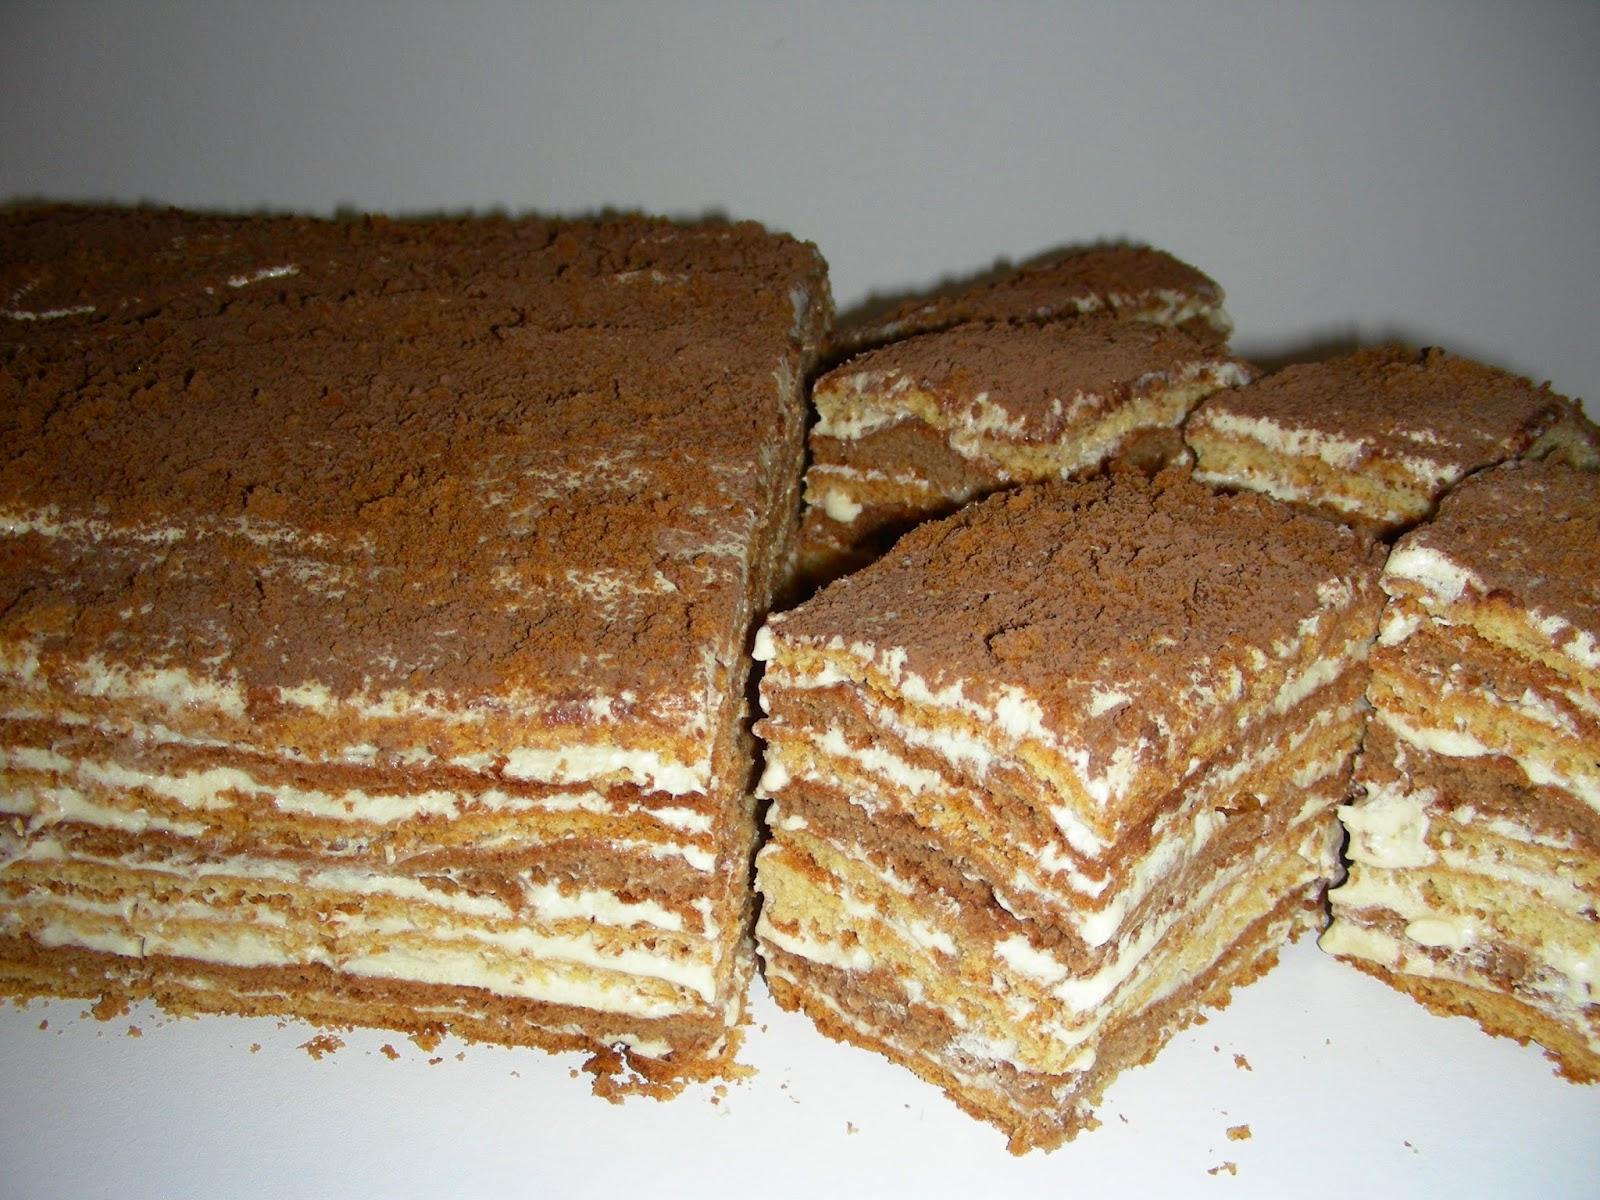 Dessert pour 6 personnes 28 images fondant au chocolat - Pieges a limaces fait maison a base de biere ...